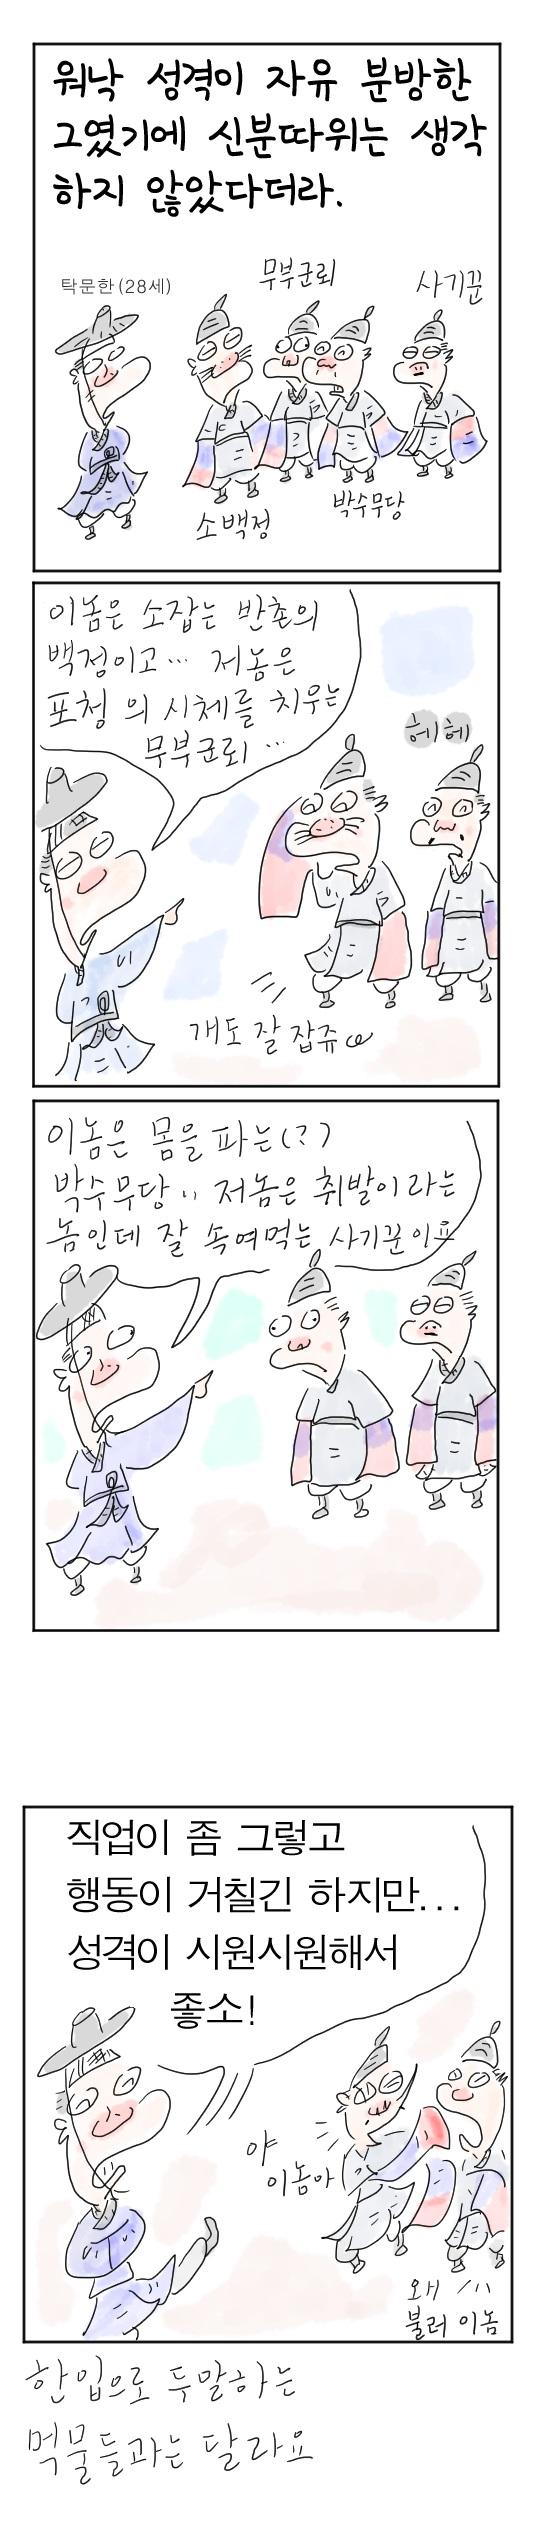 [역사툰] 史(사)람 이야기 19화: 조선 제일 춤꾼, 탁문한